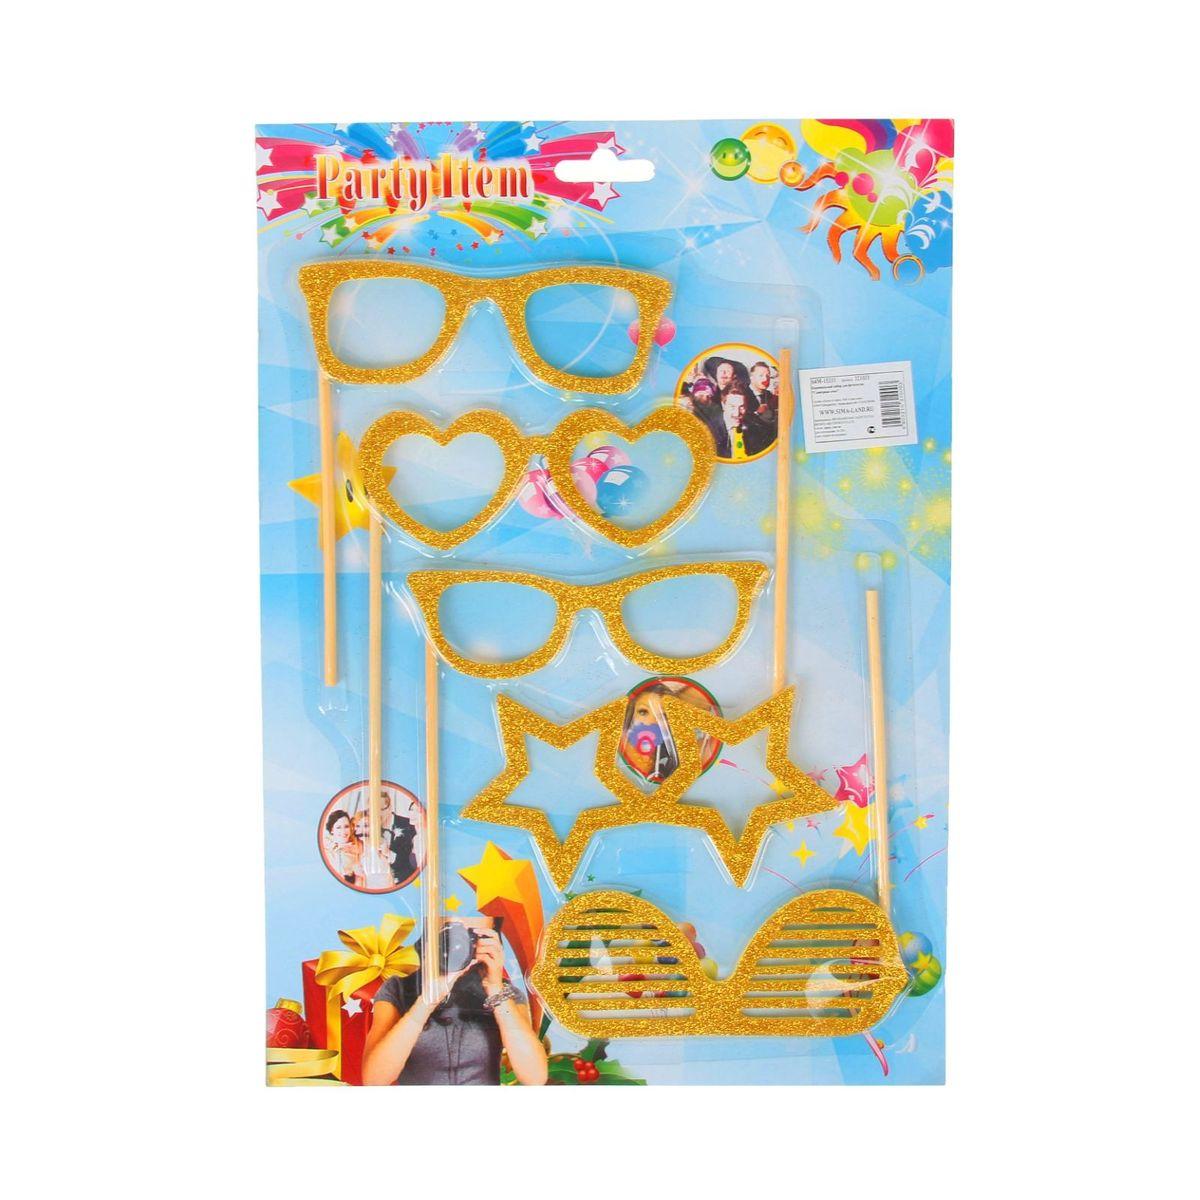 Аксессуары для фотосессии на палочке Sima-land Гламурные очки, 5 предметов, цвет золотой321031Невозможно представить нашу жизнь без праздников! Мы всегда ждем и предвкушаем их, обдумываем, как проведем памятный день, тщательно выбираем подарки и аксессуары, ведь именно они создают и поддерживают праздничный настрой. Аксессуары для фотосессии на палочке - это отличный выбор, который привнесет атмосферу праздника в ваш дом!